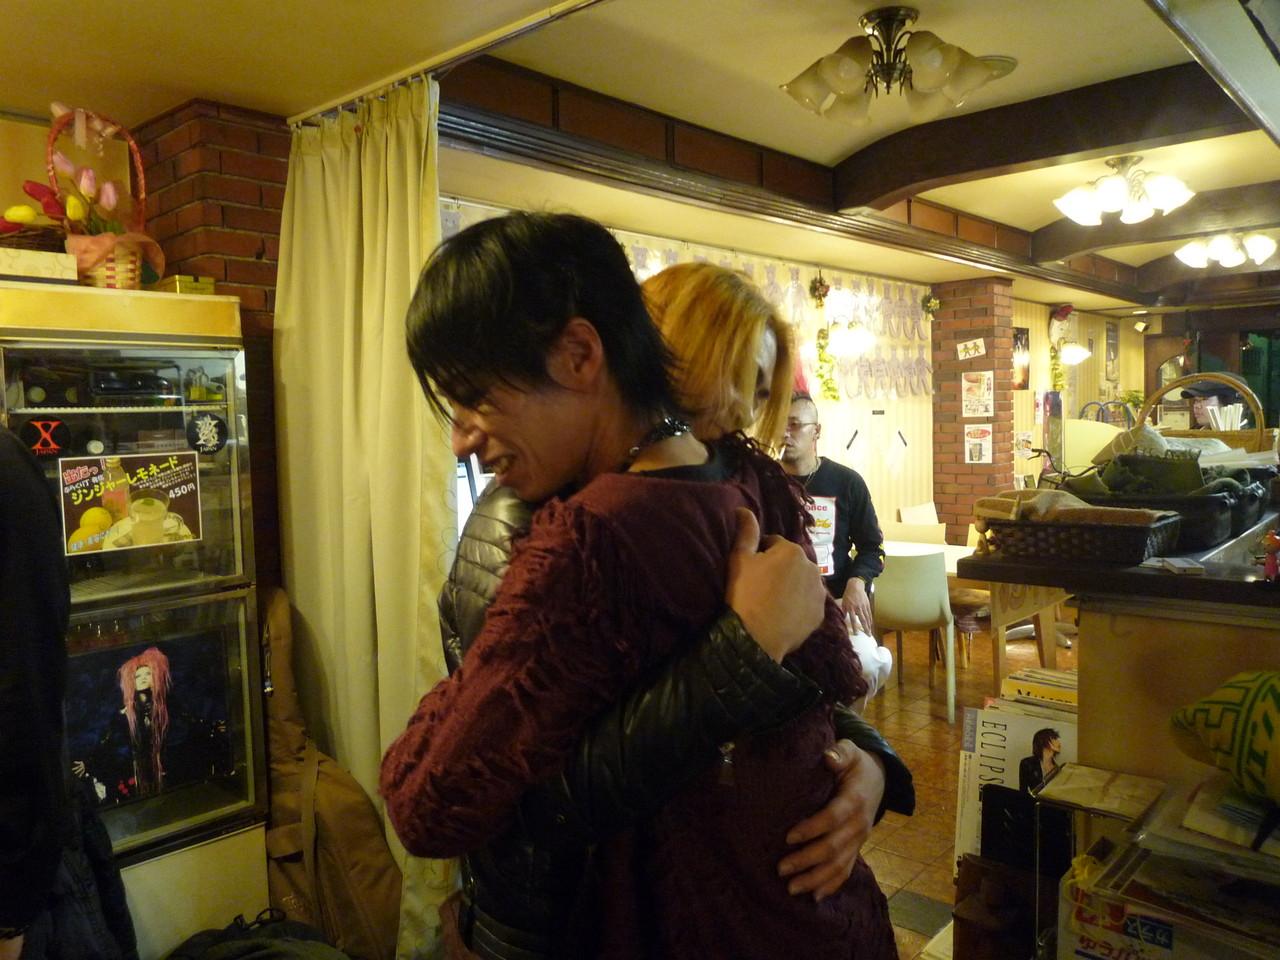 Live終了後、YUSHIさんと感動のHUG!